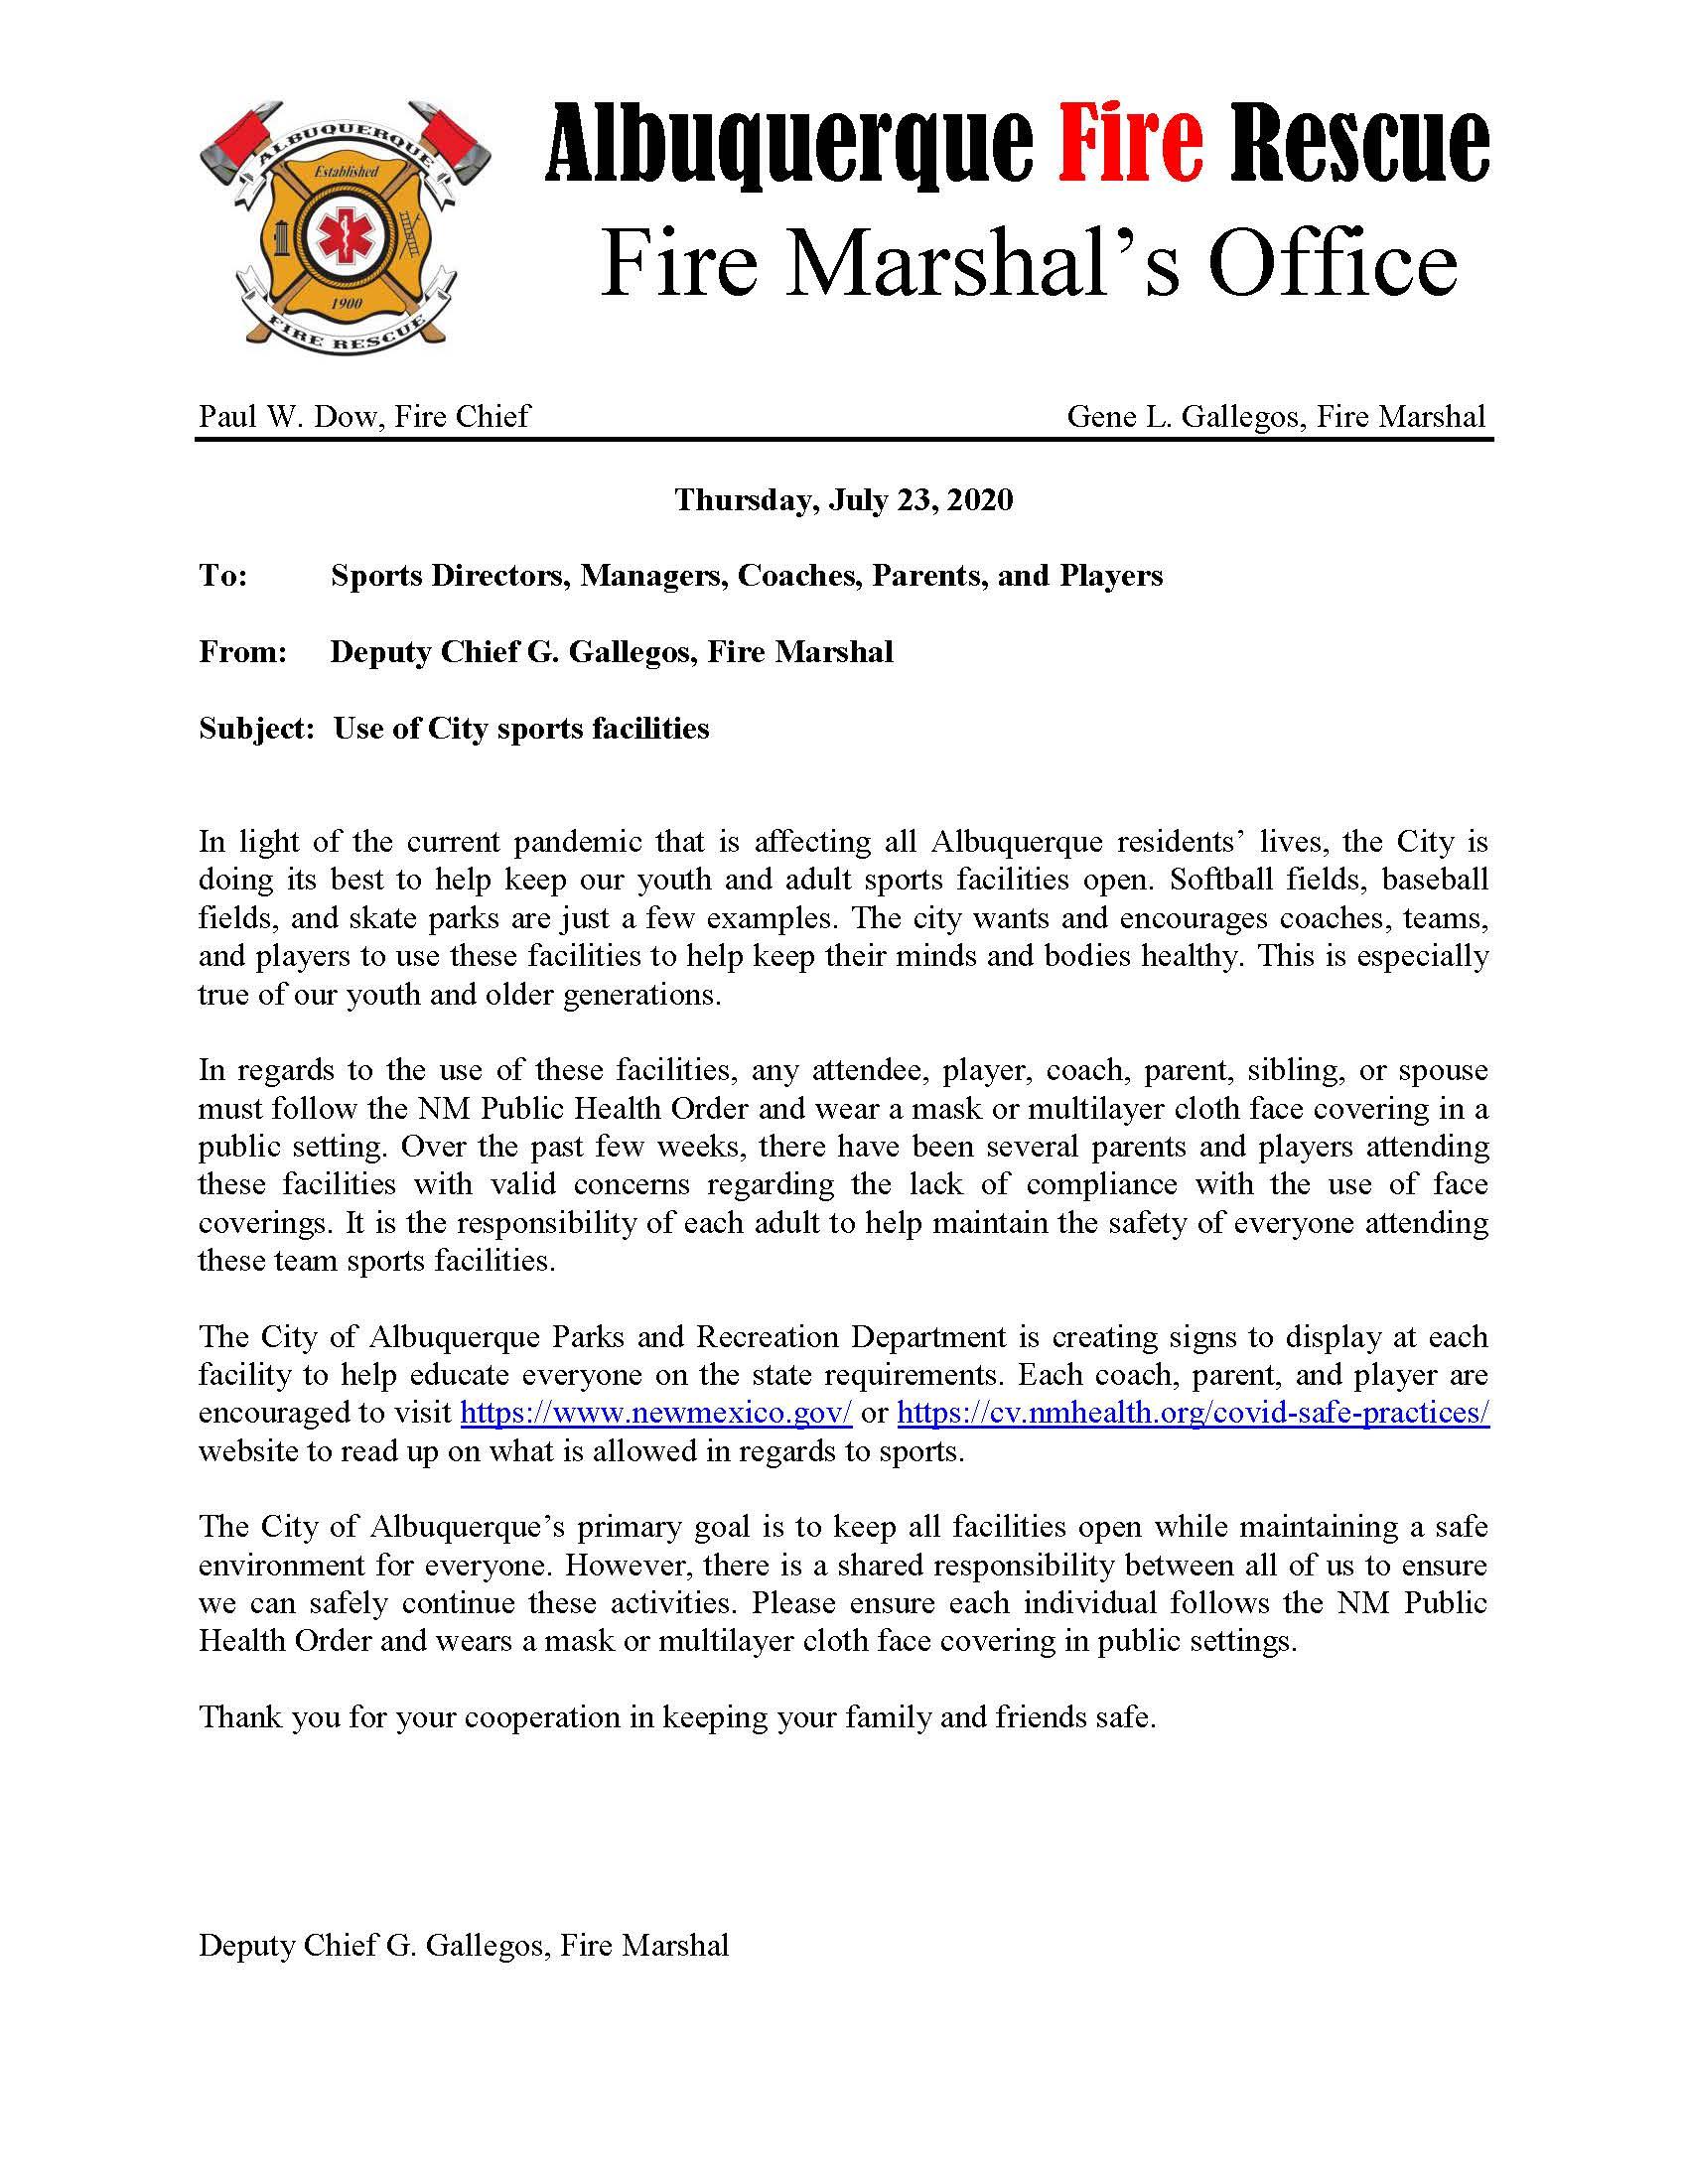 Fire Marshall Letter - MASKS